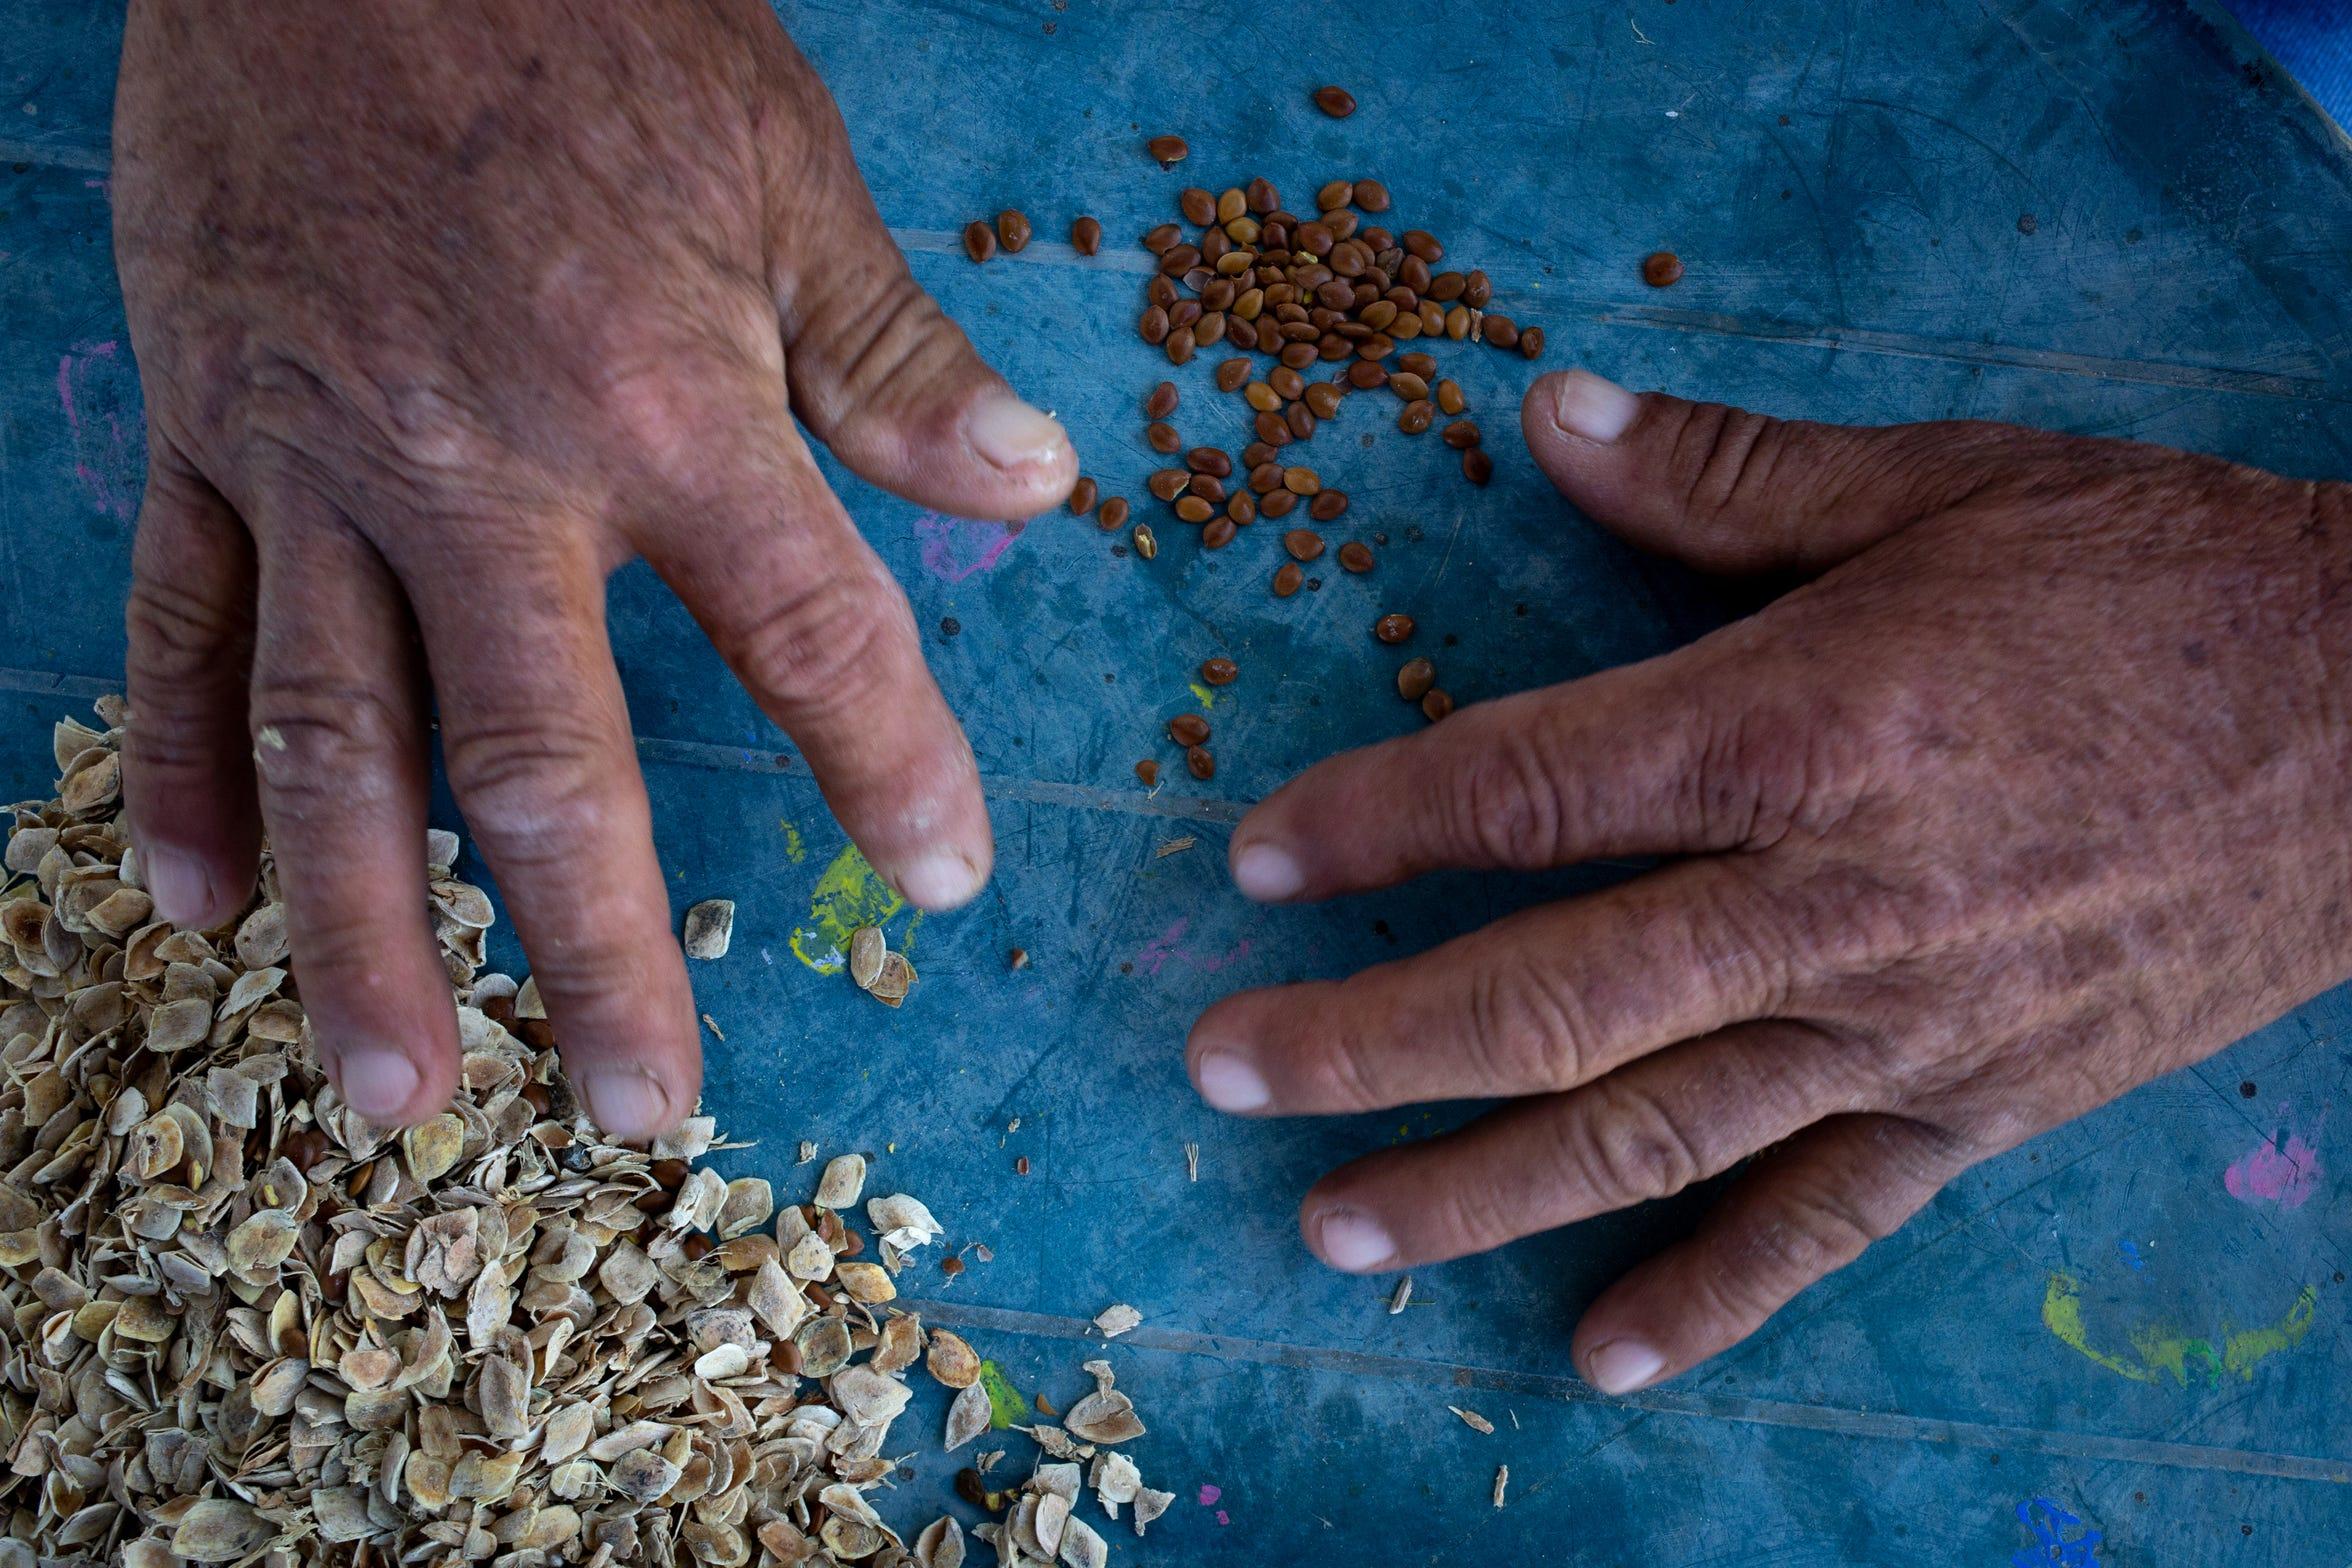 Las semillas de mezquite se cosechan en el área de restauración de Colonia Miguel Alemán en Baja California, México.